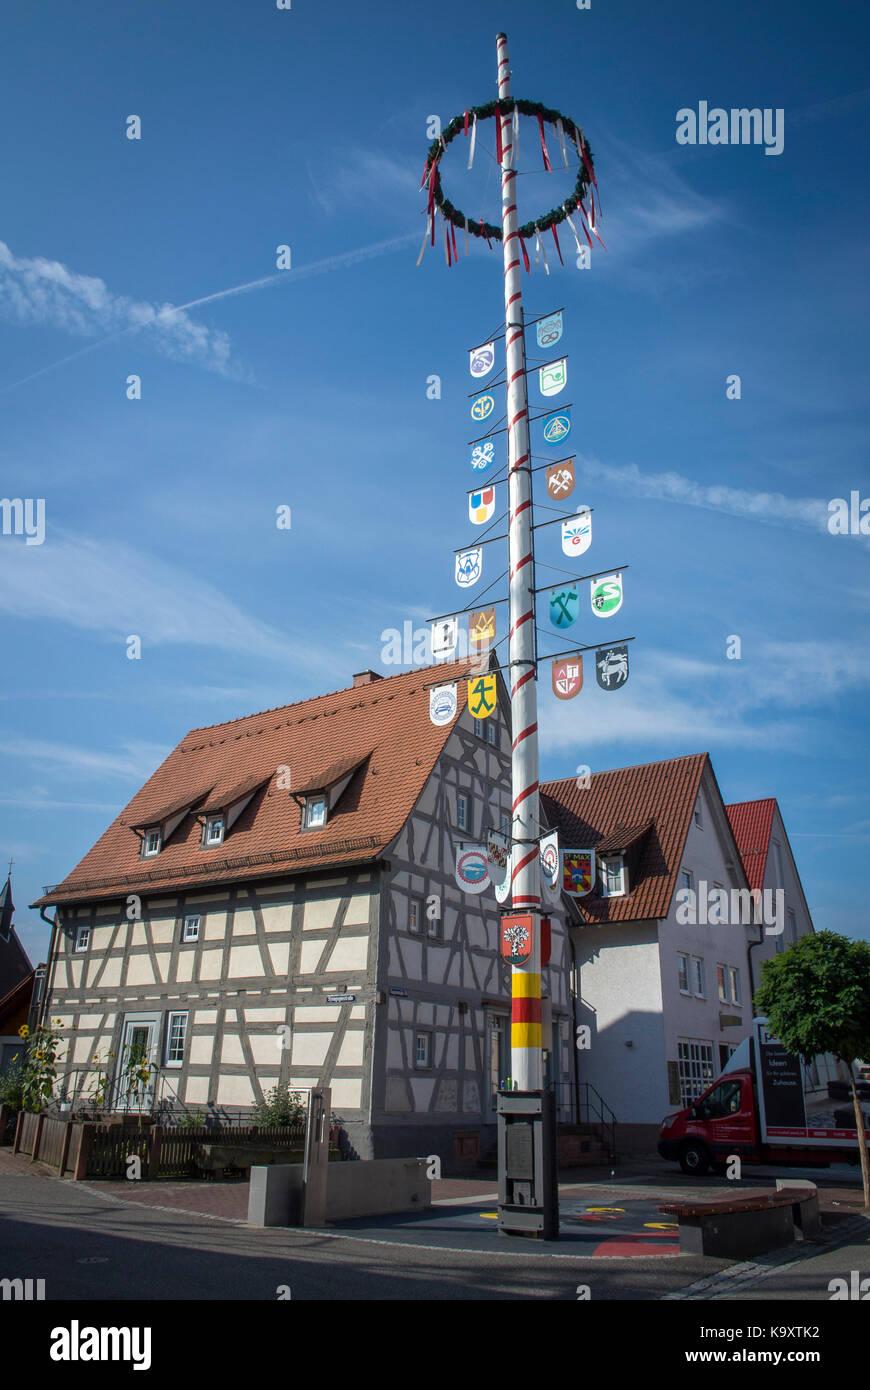 Ein Maibaum in der Stadt Walldorf, Baden-Württemberg, Deutschland. Stockbild